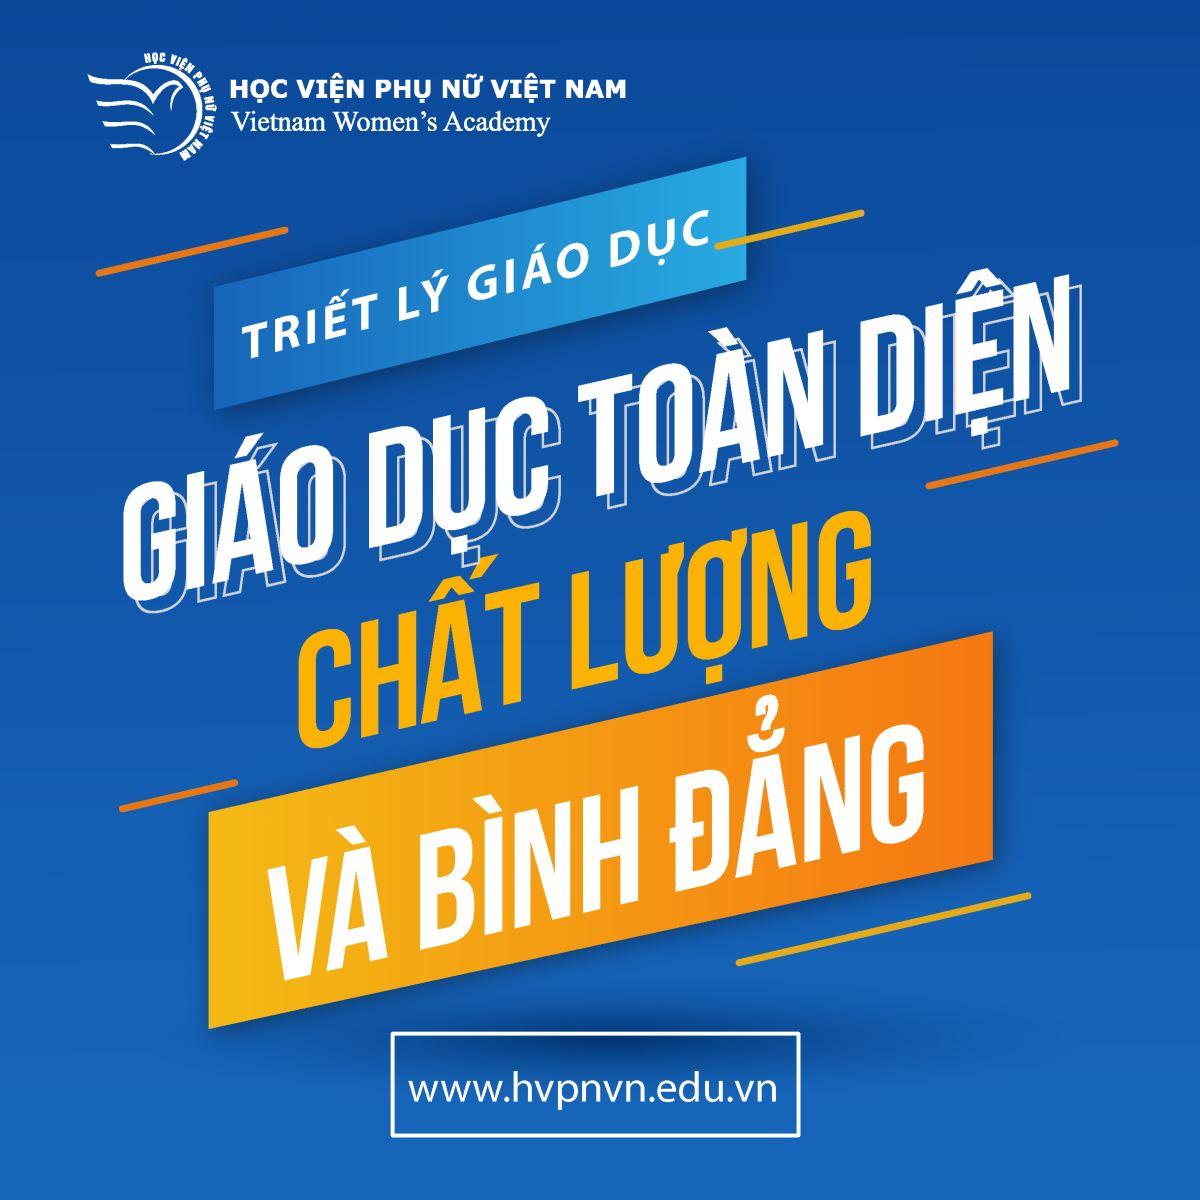 Triết lý Giáo dục của Học viện Phụ nữ Việt Nam